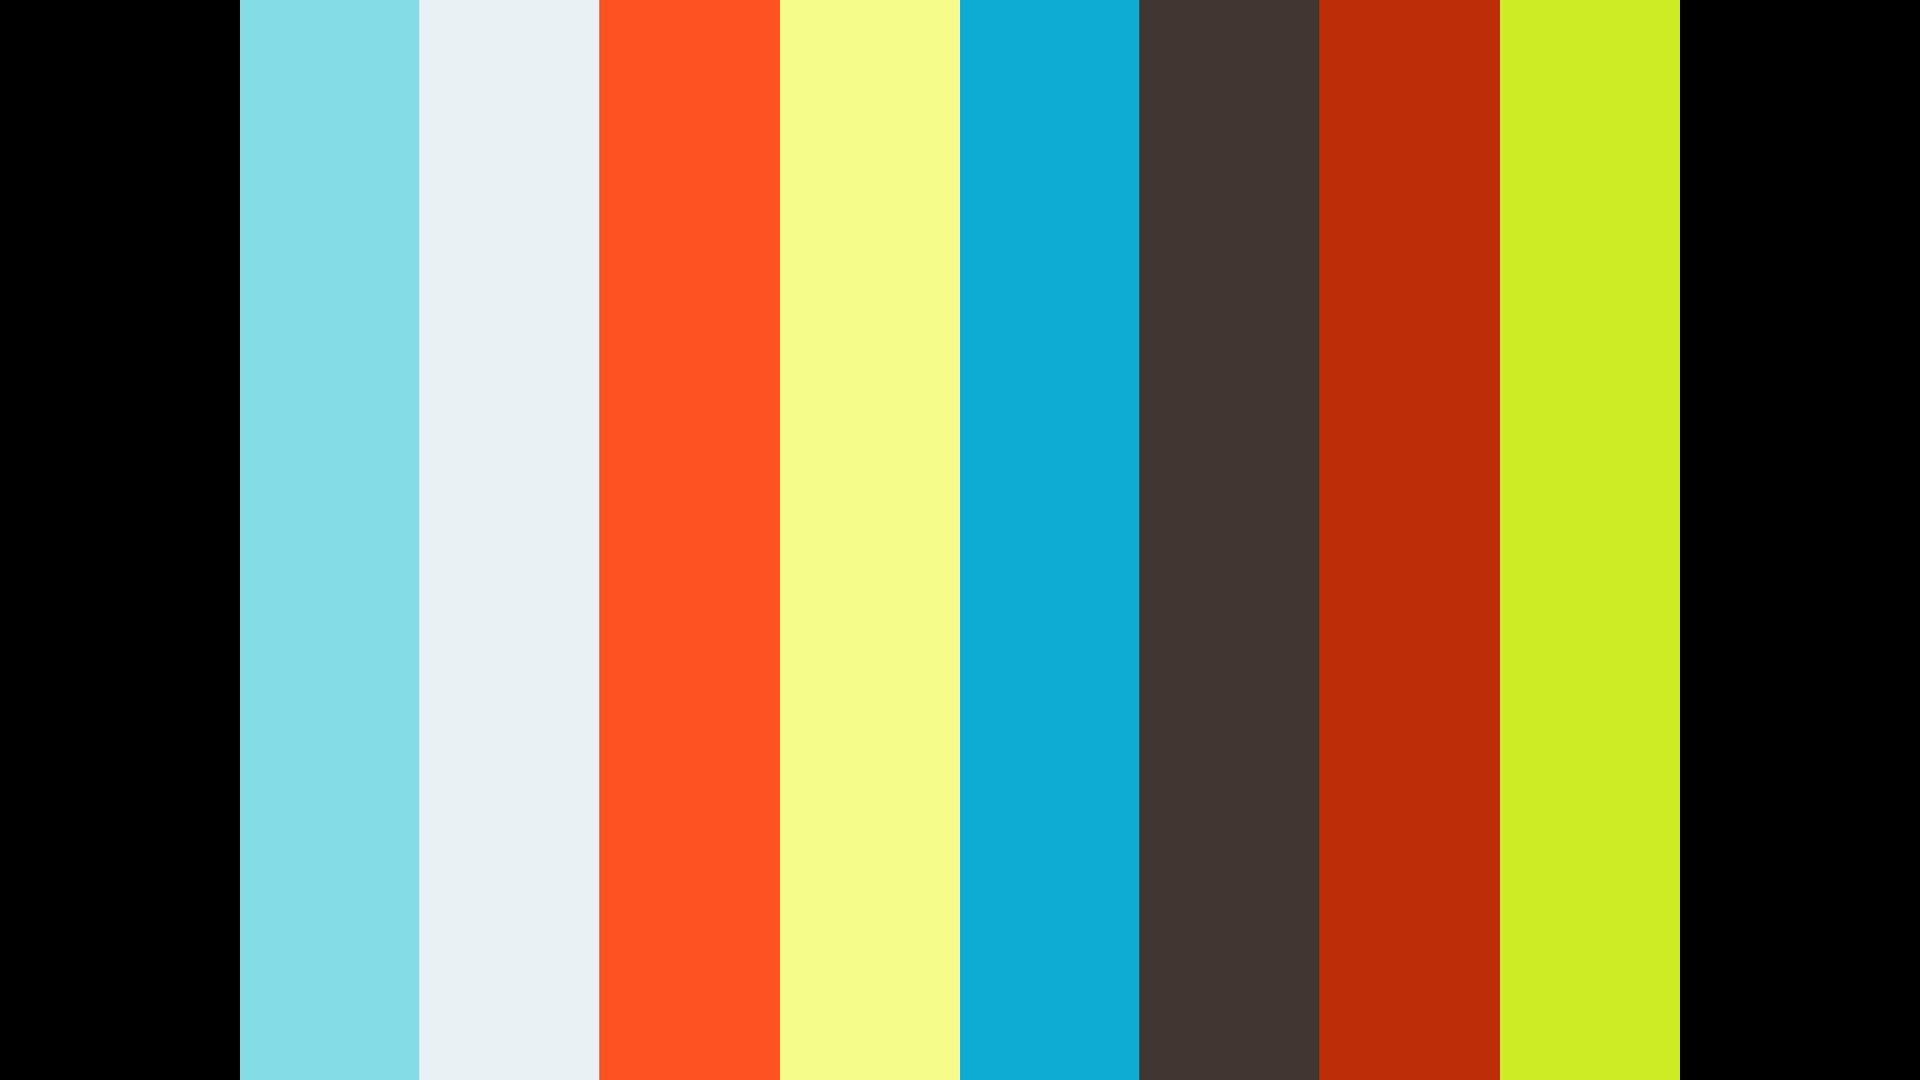 MAYPAWEE - ABSOLUTE 45 (29 AUGUST 2021)